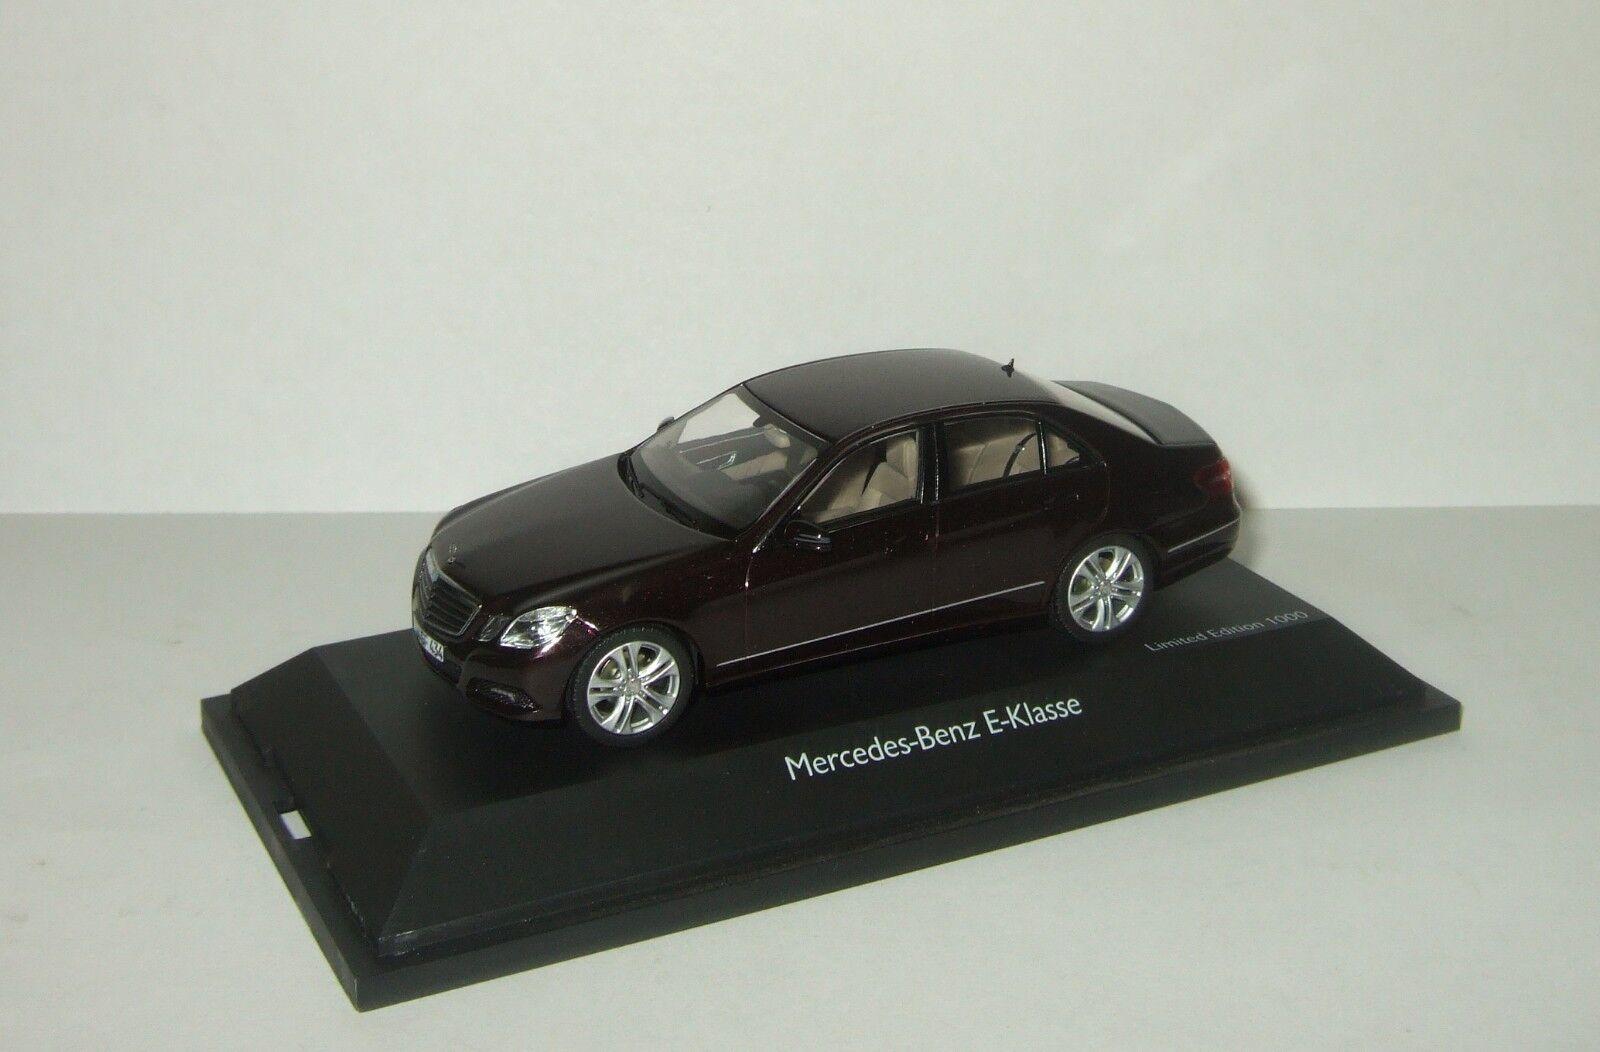 Limousine Mercedes Benz E klasse W212 Avantgarde Schuco 1 43 450732400